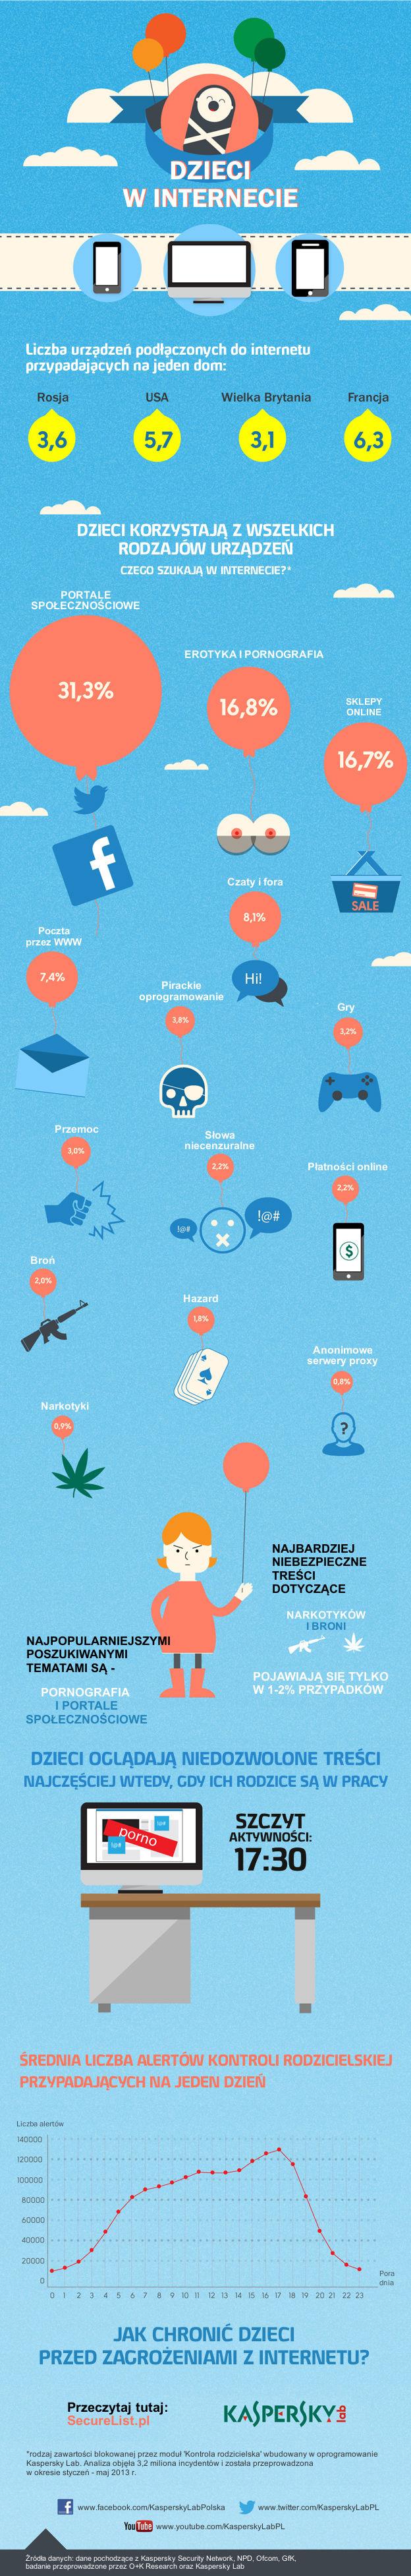 klp_infografika_dzieci_w_internecie_maj_2013